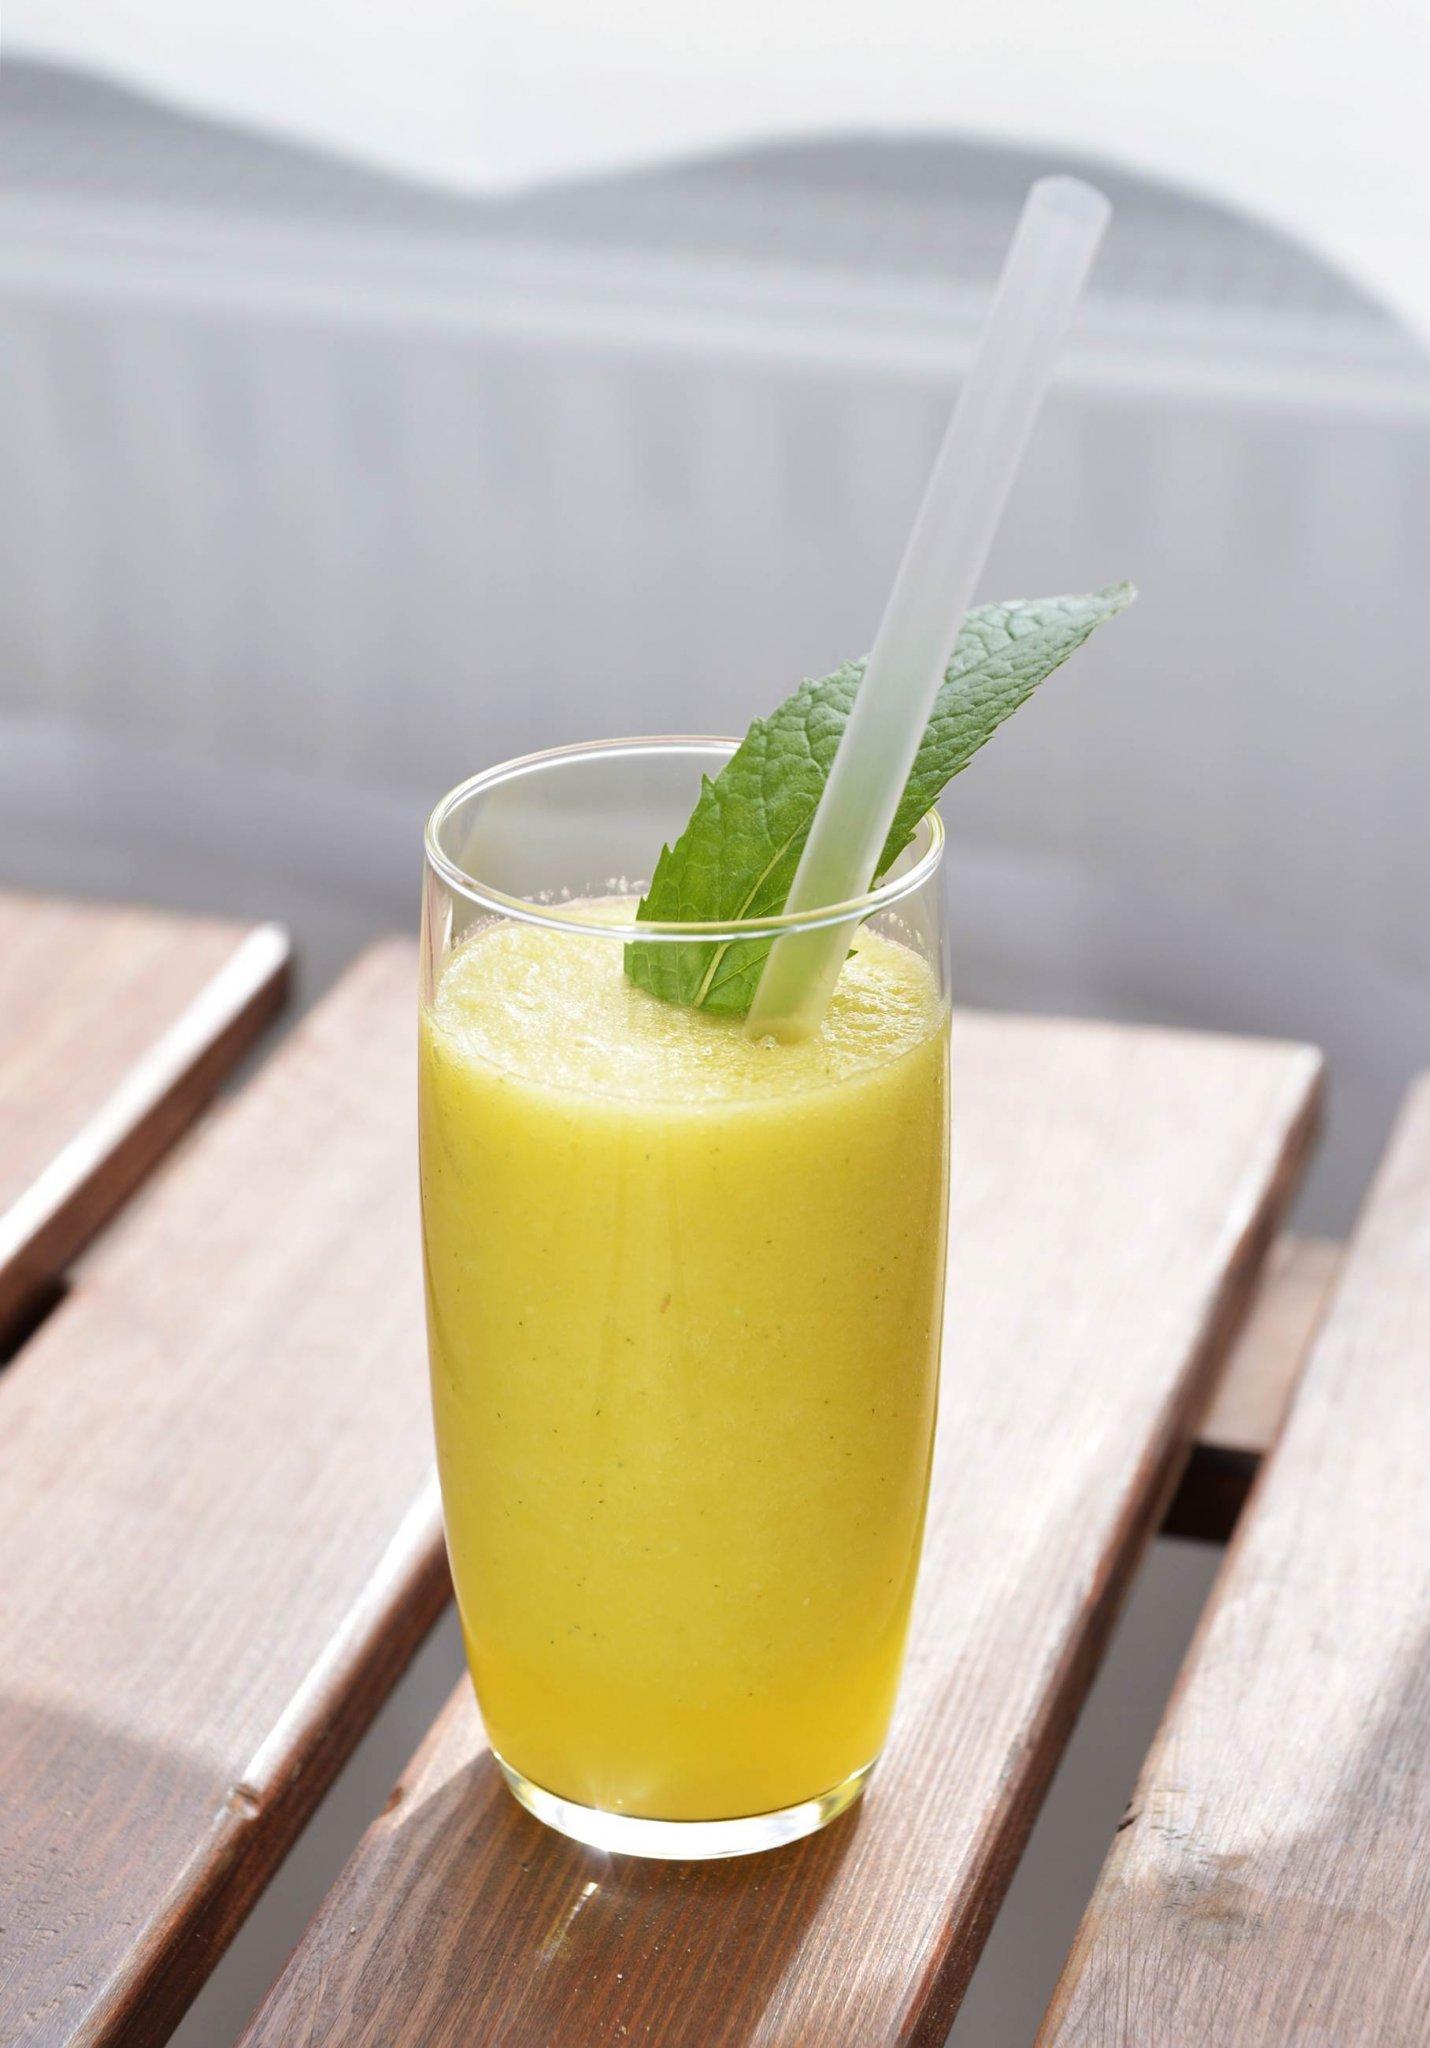 smoothie1 - alma narancs edeskomeny menta